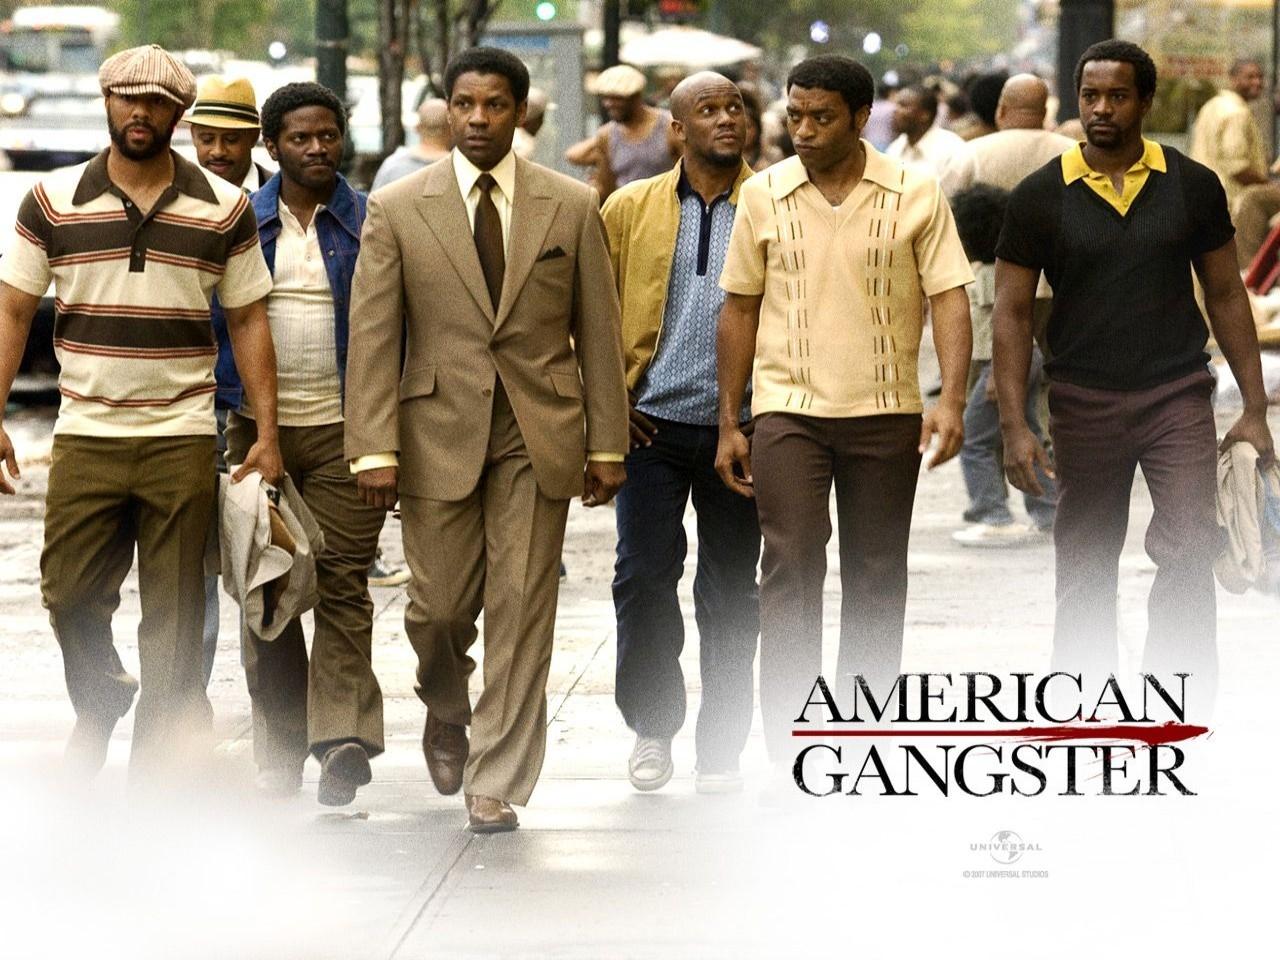 Un wallpaper del film American Gangster, con Denzel Washington